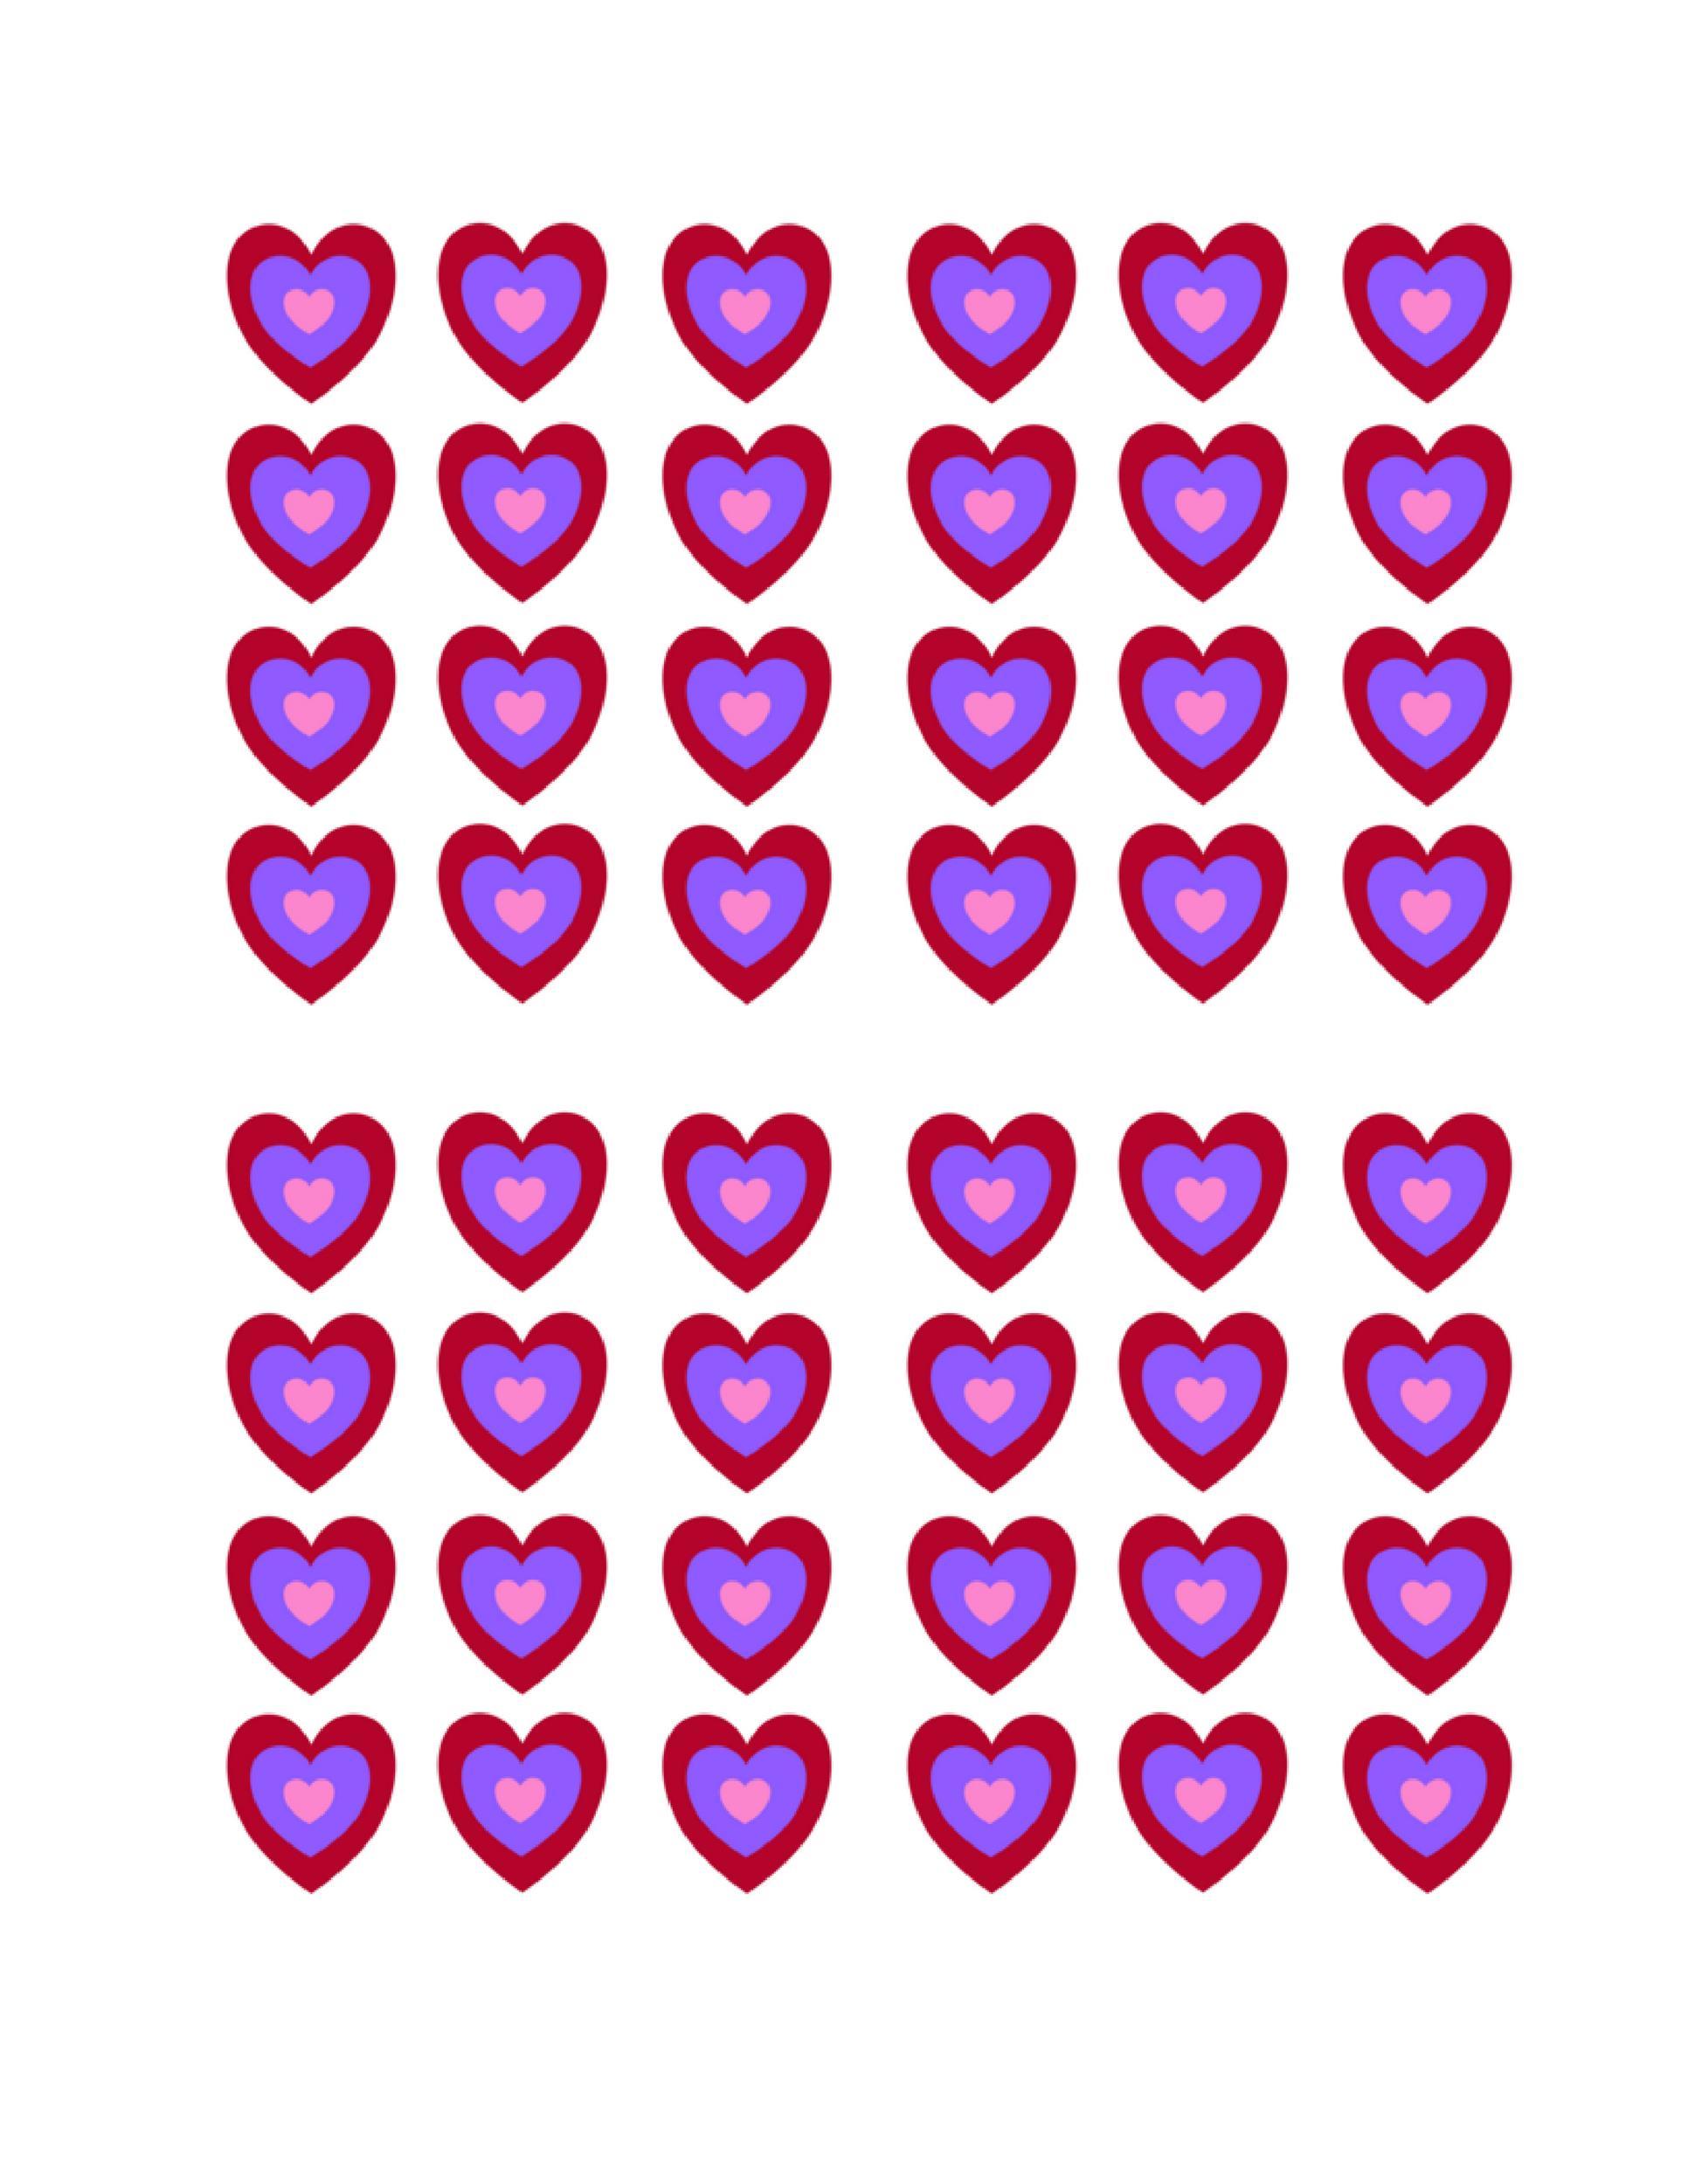 Free Heart Shape Template 15